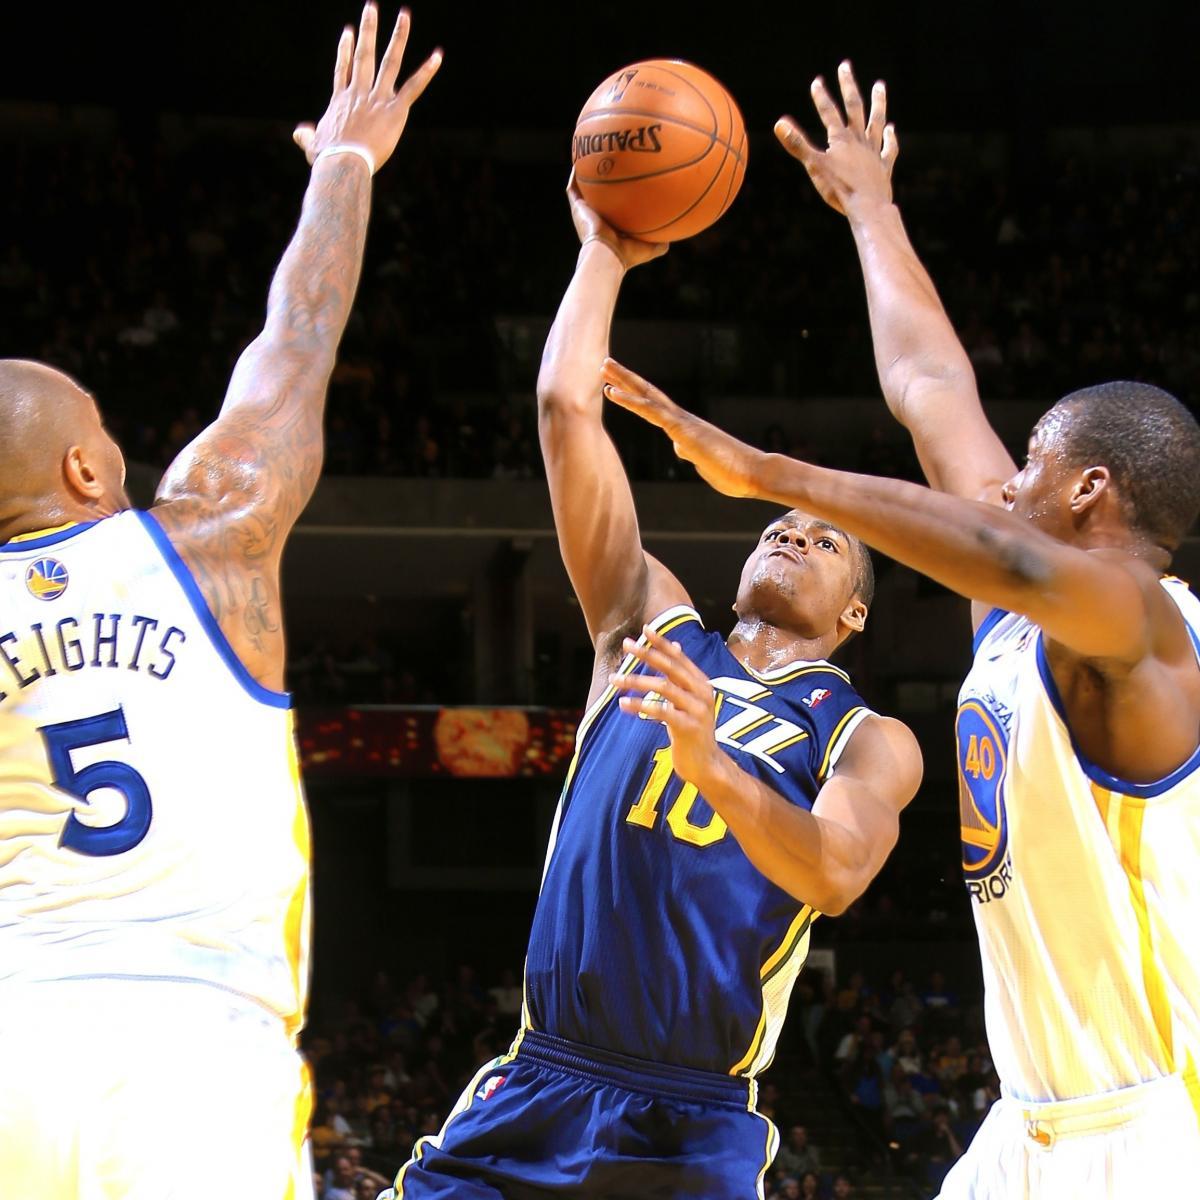 Warriors Vs Jazz Full Game Highlights